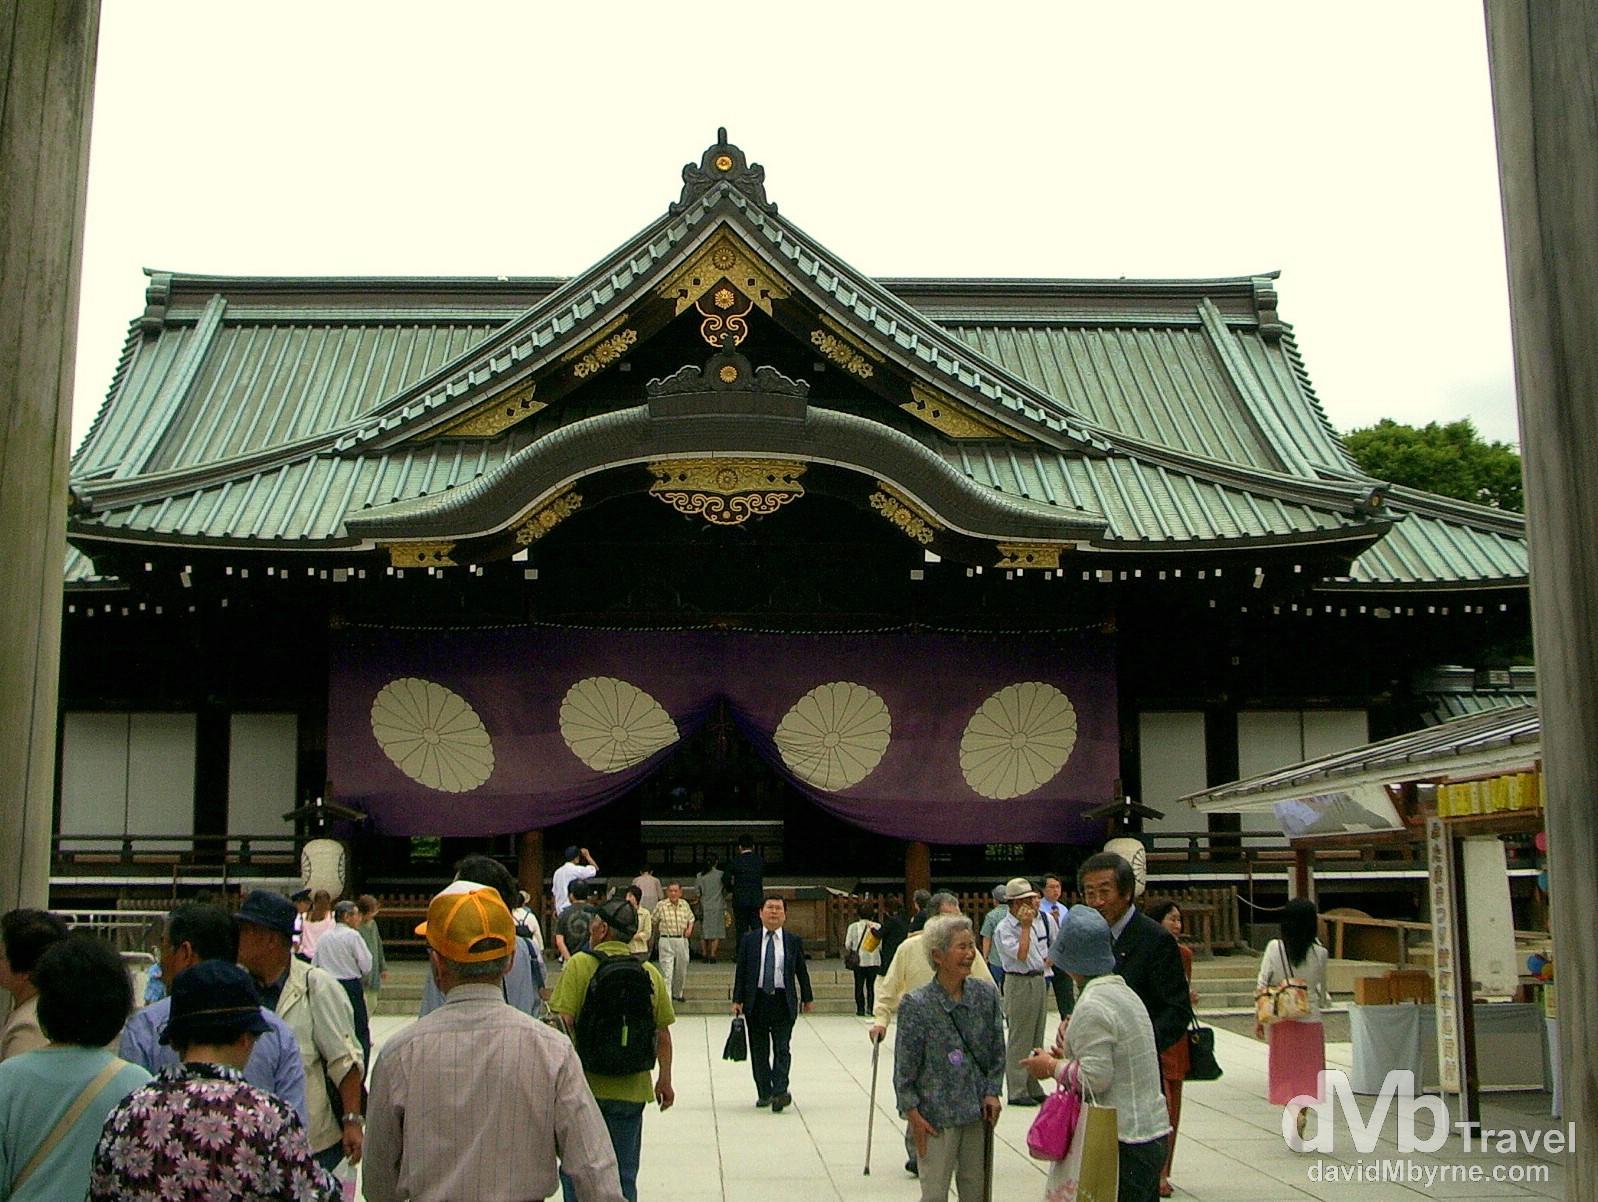 Yasukuni Shrine, Tokyo, Japan. July 13th 2005.